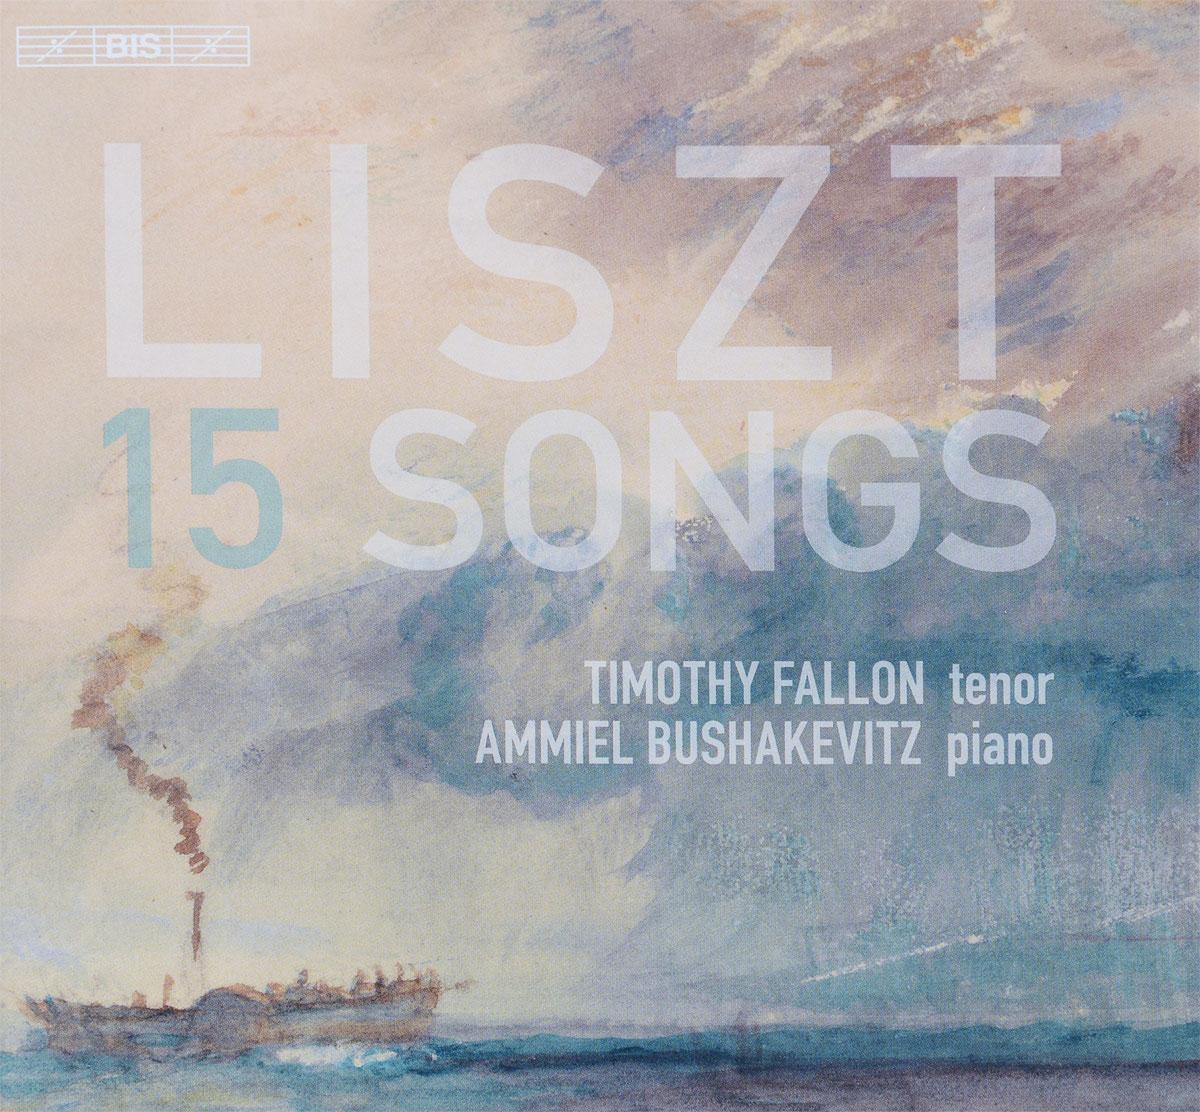 Timothy Fallon,Ammiel Bushakevitz Fallon. Ammiel Bushakevitz. Liszt. 15 Songs (SACD)